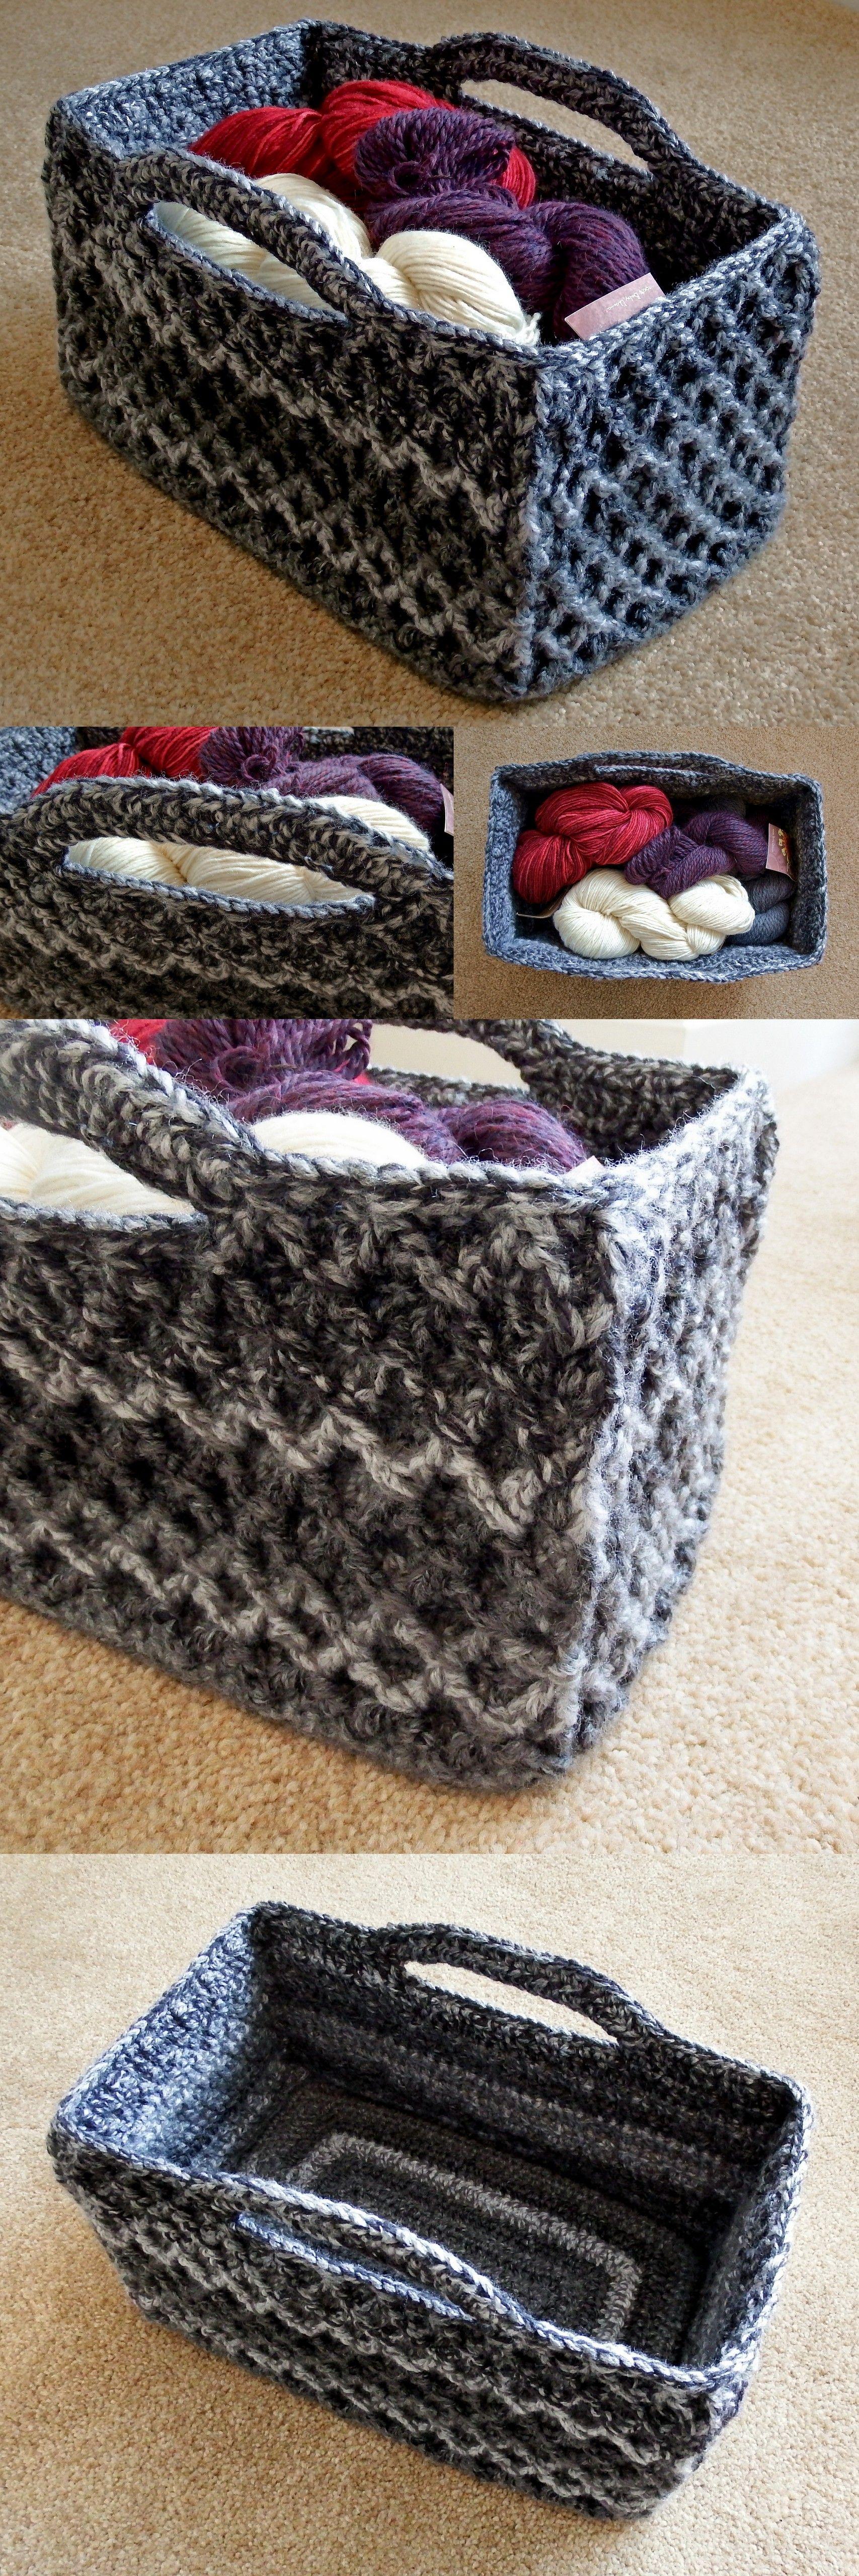 Pin de Omo Esta en crochet and knit | Pinterest | Cestas, Tejido y ...